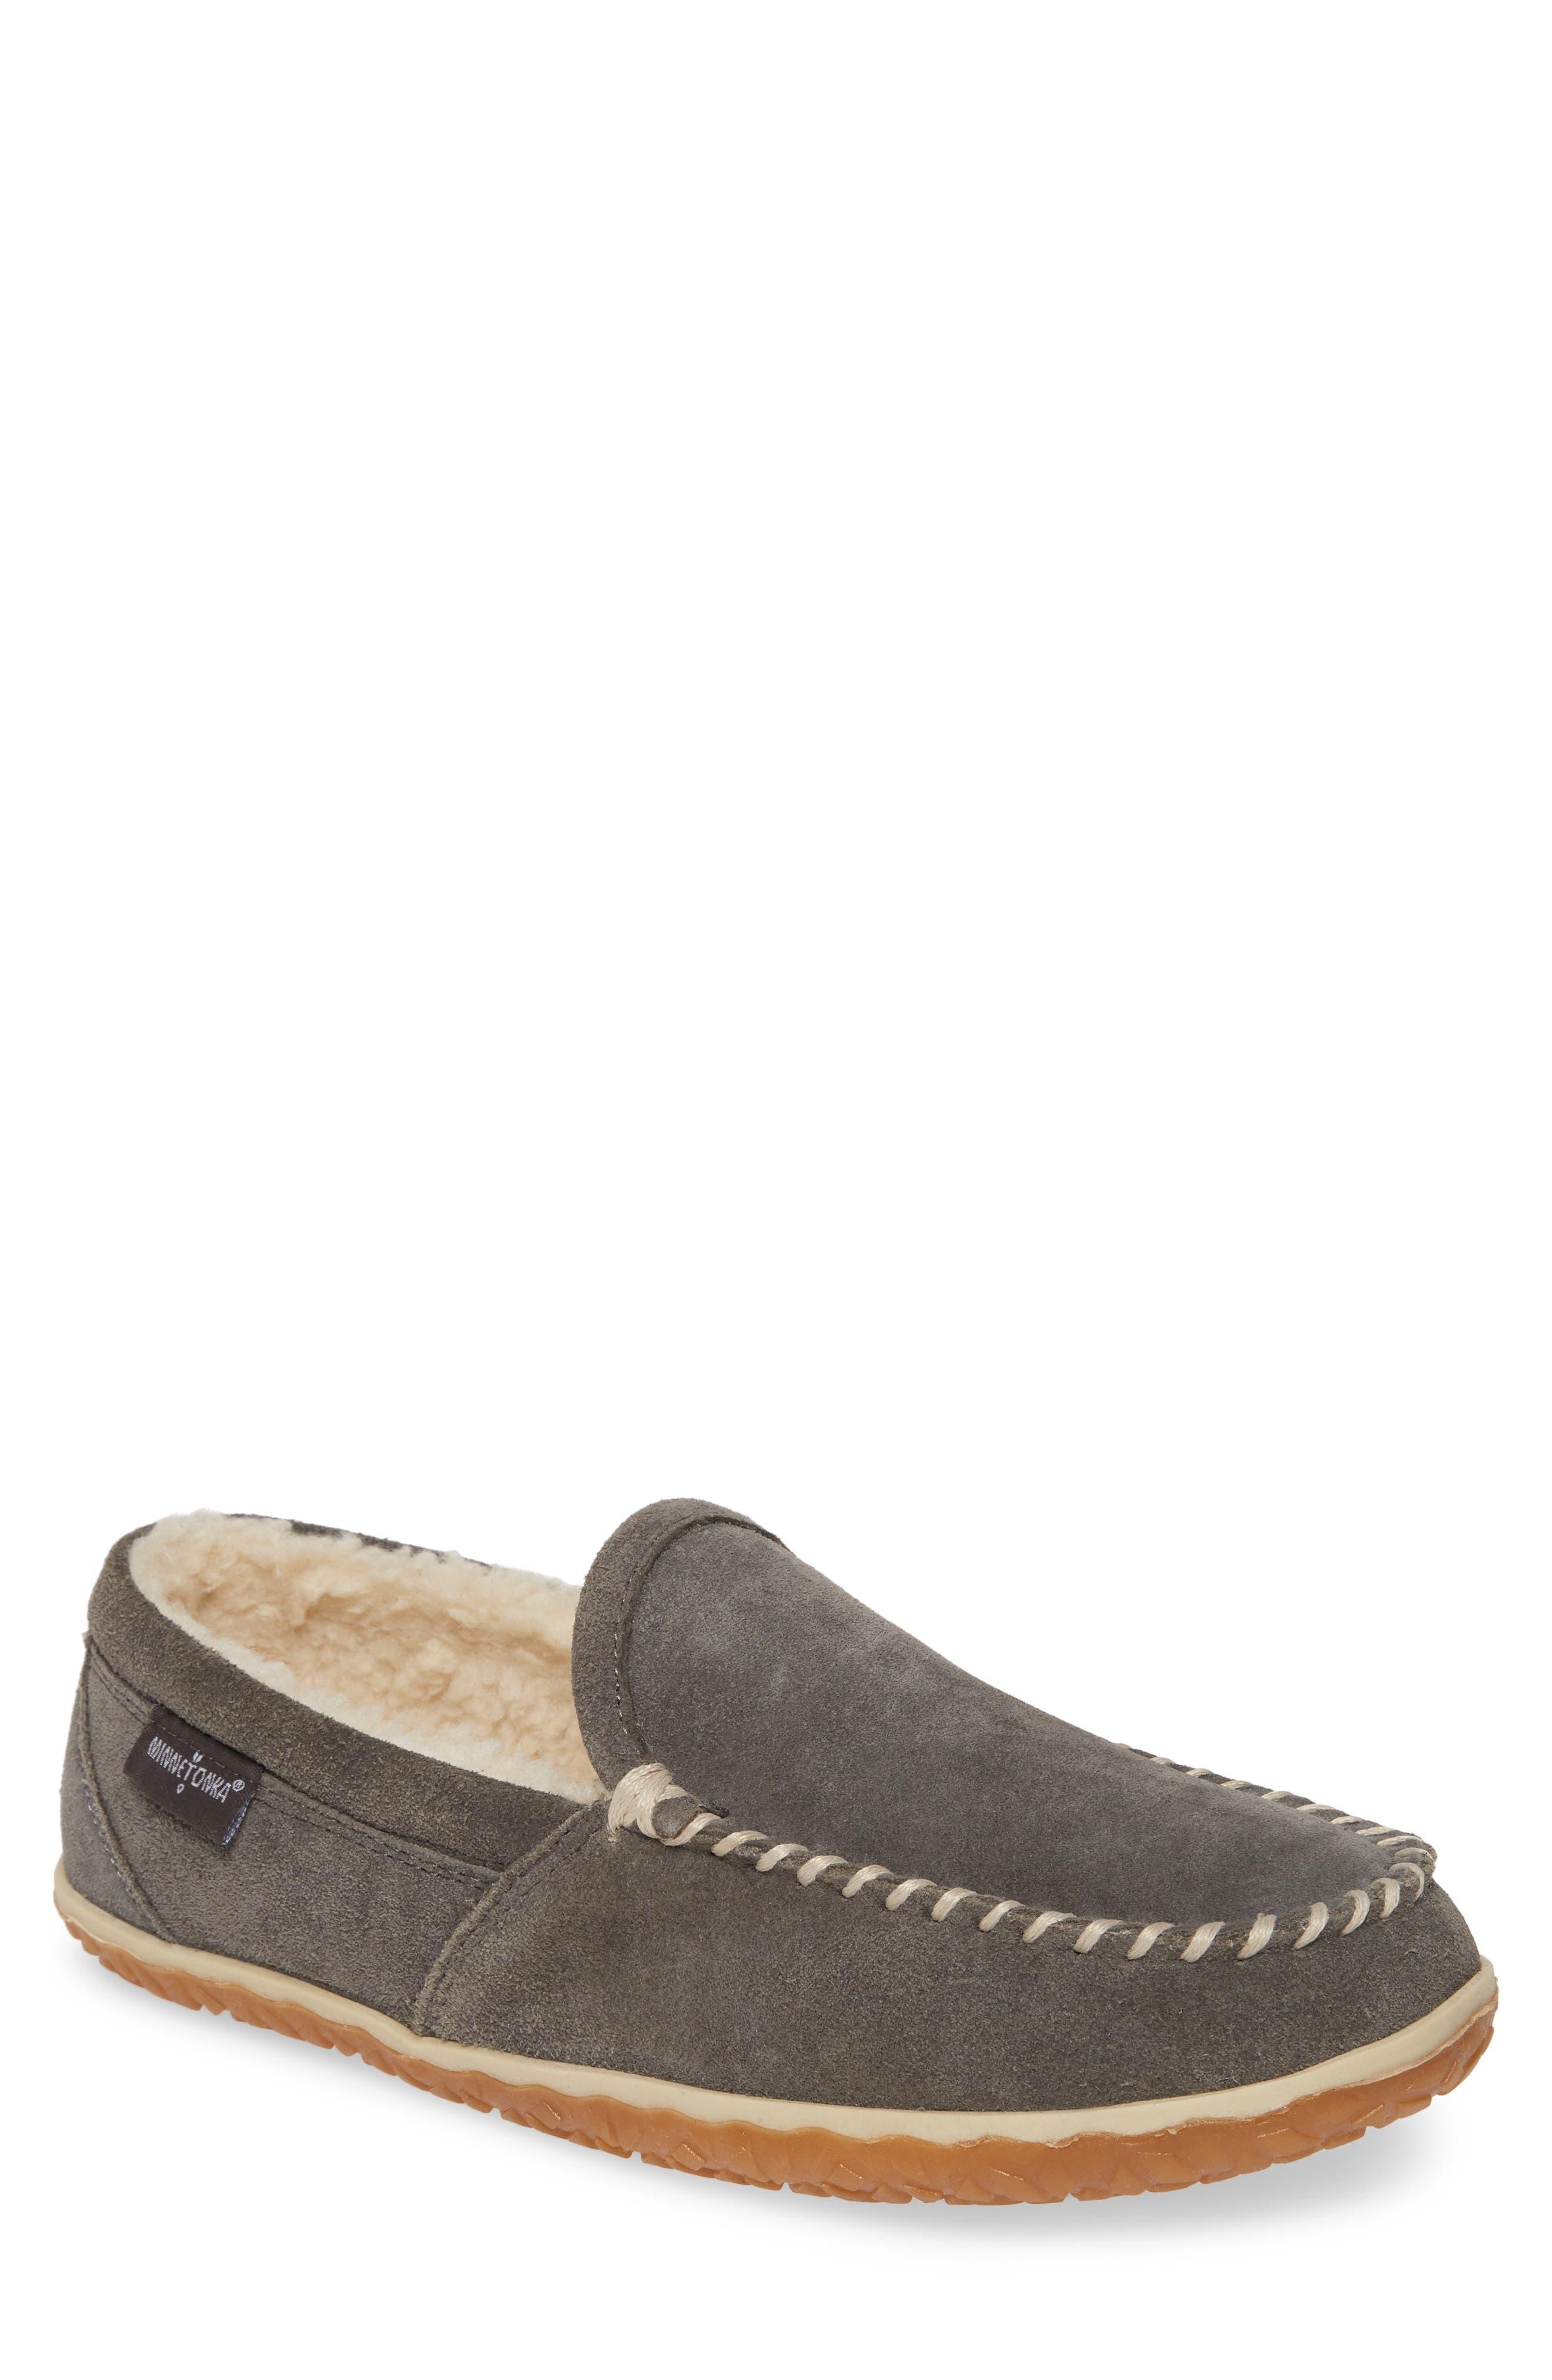 Men's Slippers \u0026 Moccasins | Nordstrom